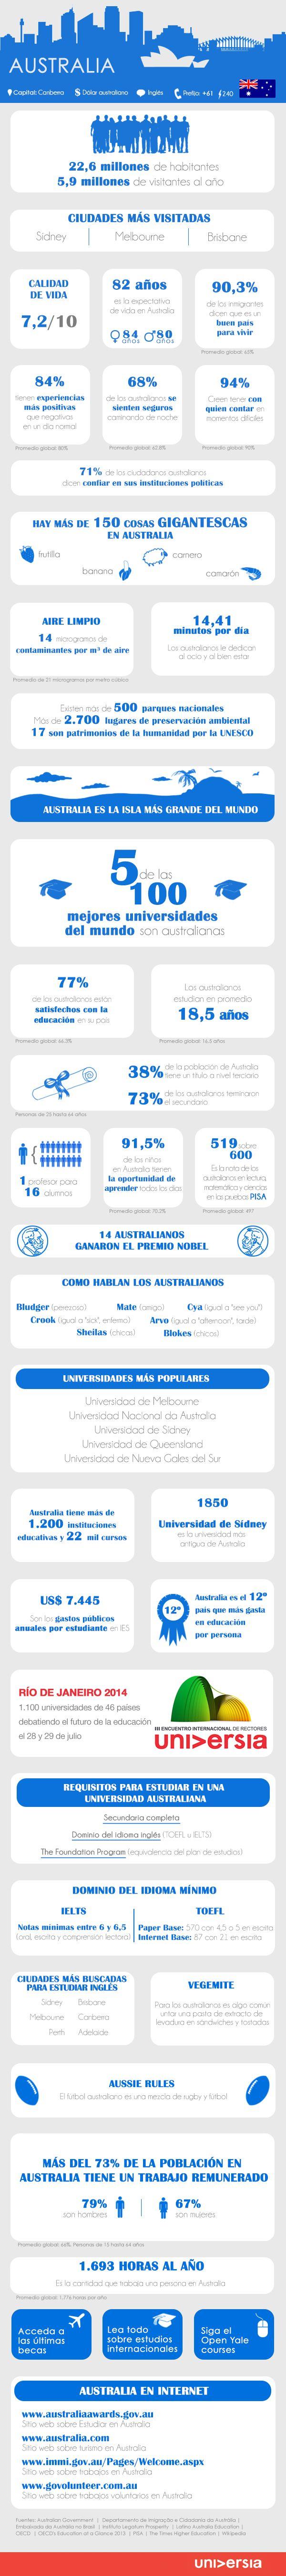 Infografía: más de 30 recomendaciones que debes saber para estudiar y trabajar en Australia vía: http://noticias.universia.net.mx